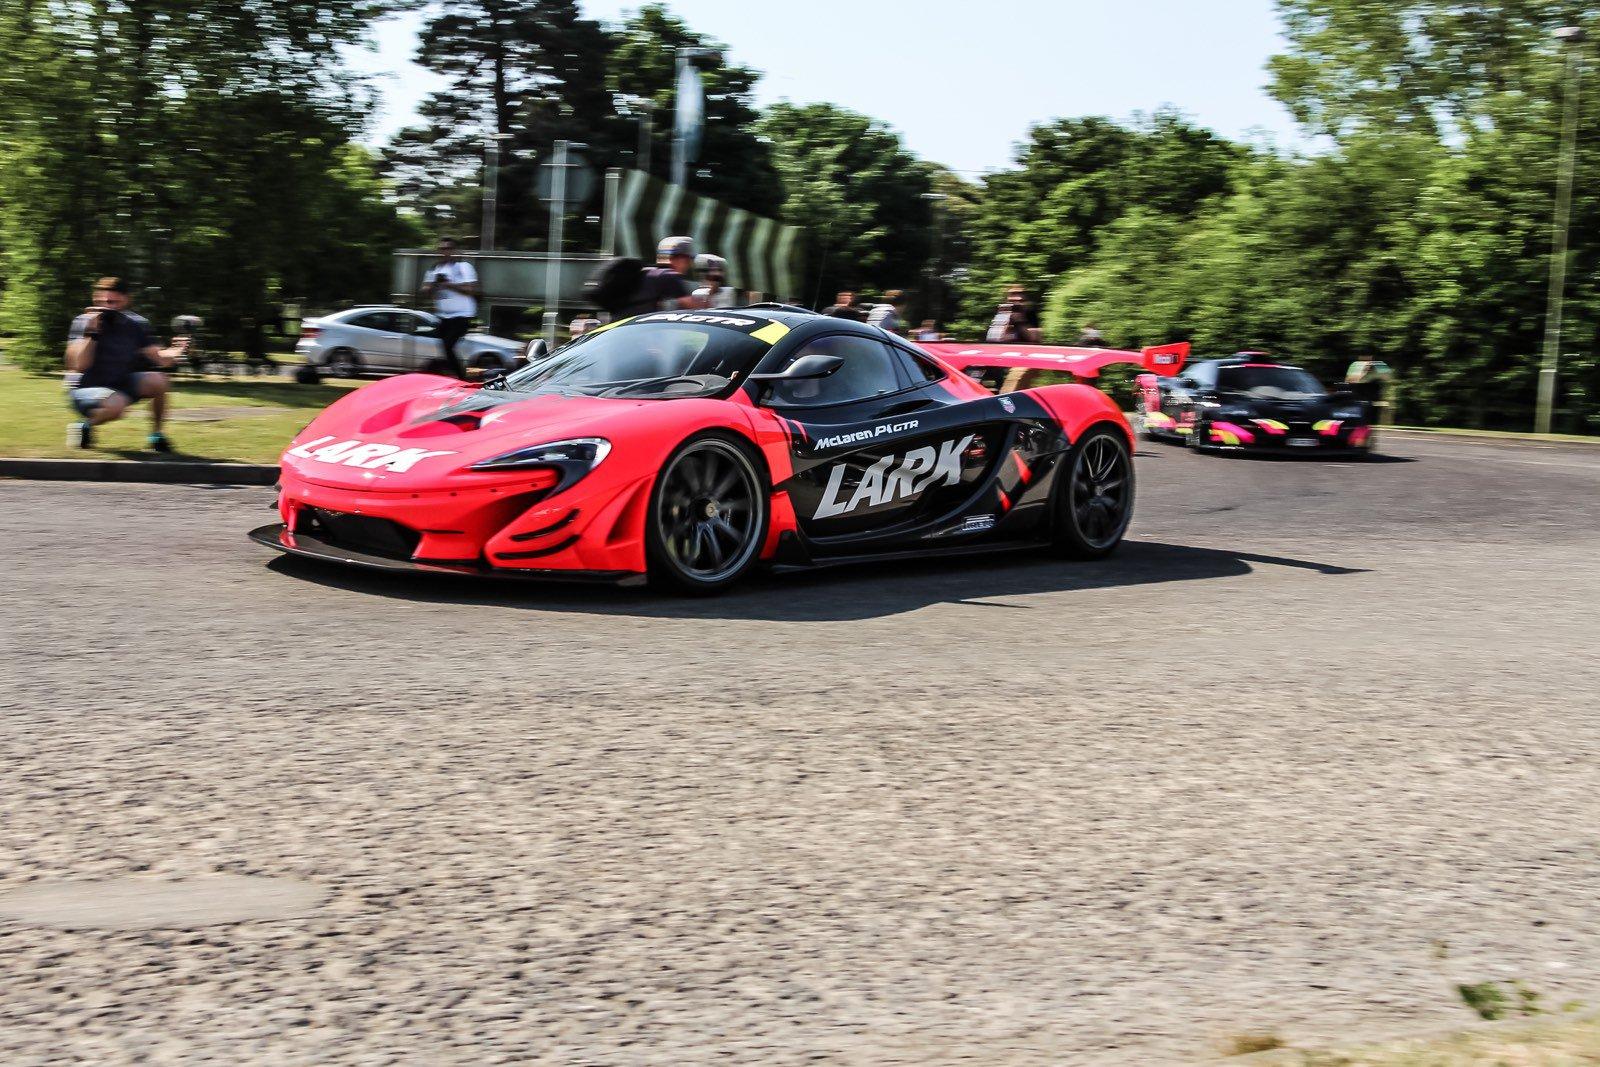 McLaren P1 GTR thực sự là ngôi sao nổi bật trong sự kiện năm nay